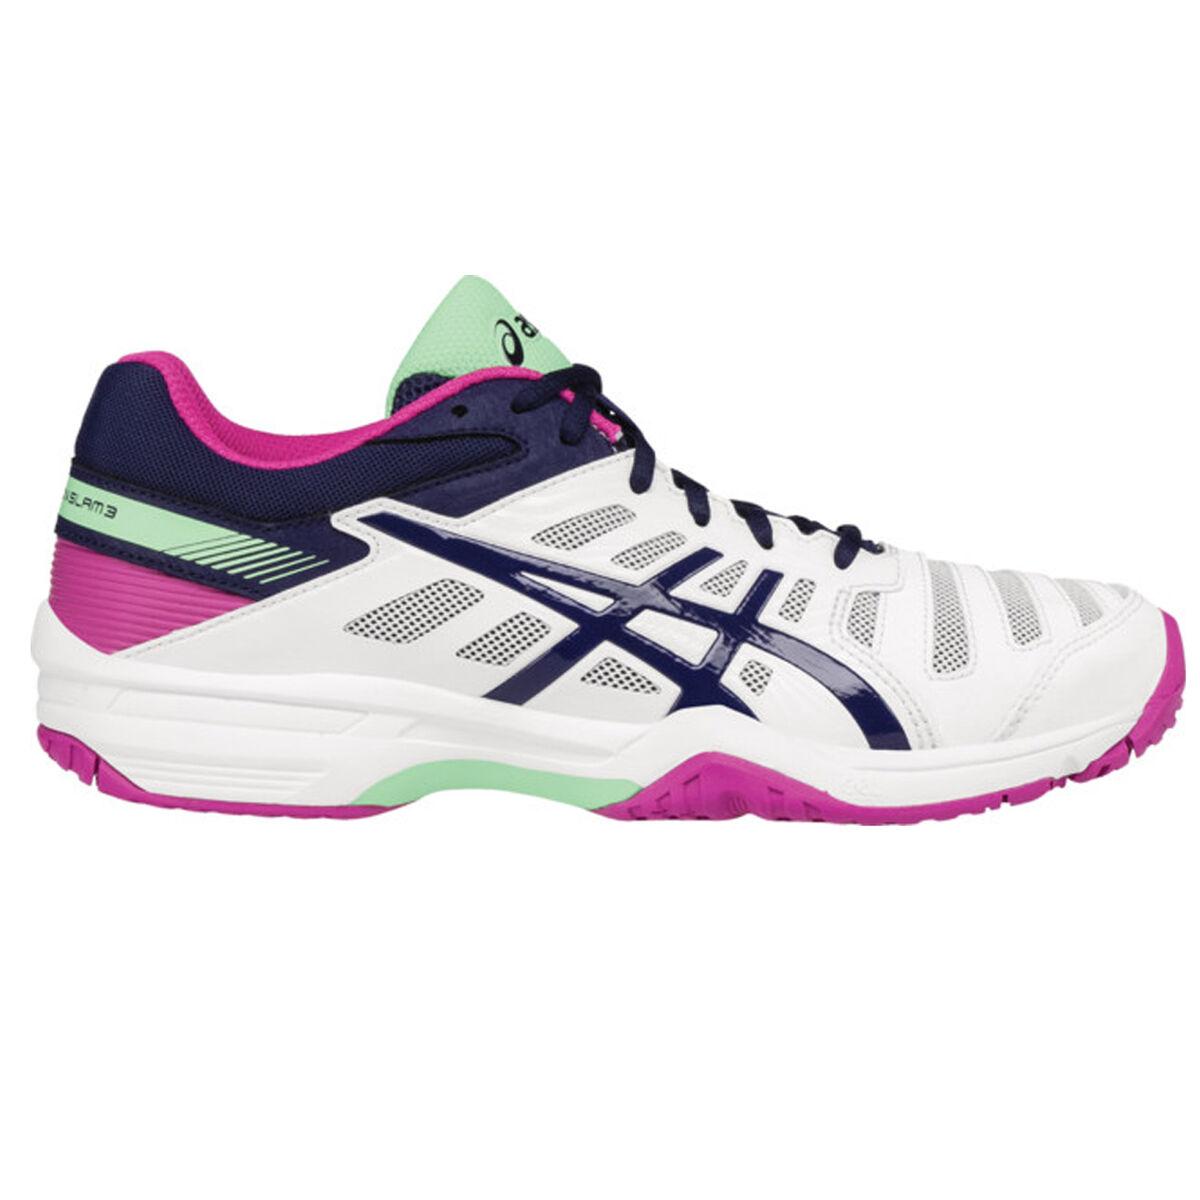 super popular 4b2eb 4d3e3 Images. Asics GEL-Solution Slam 3 Women  39 s Tennis Shoe - White